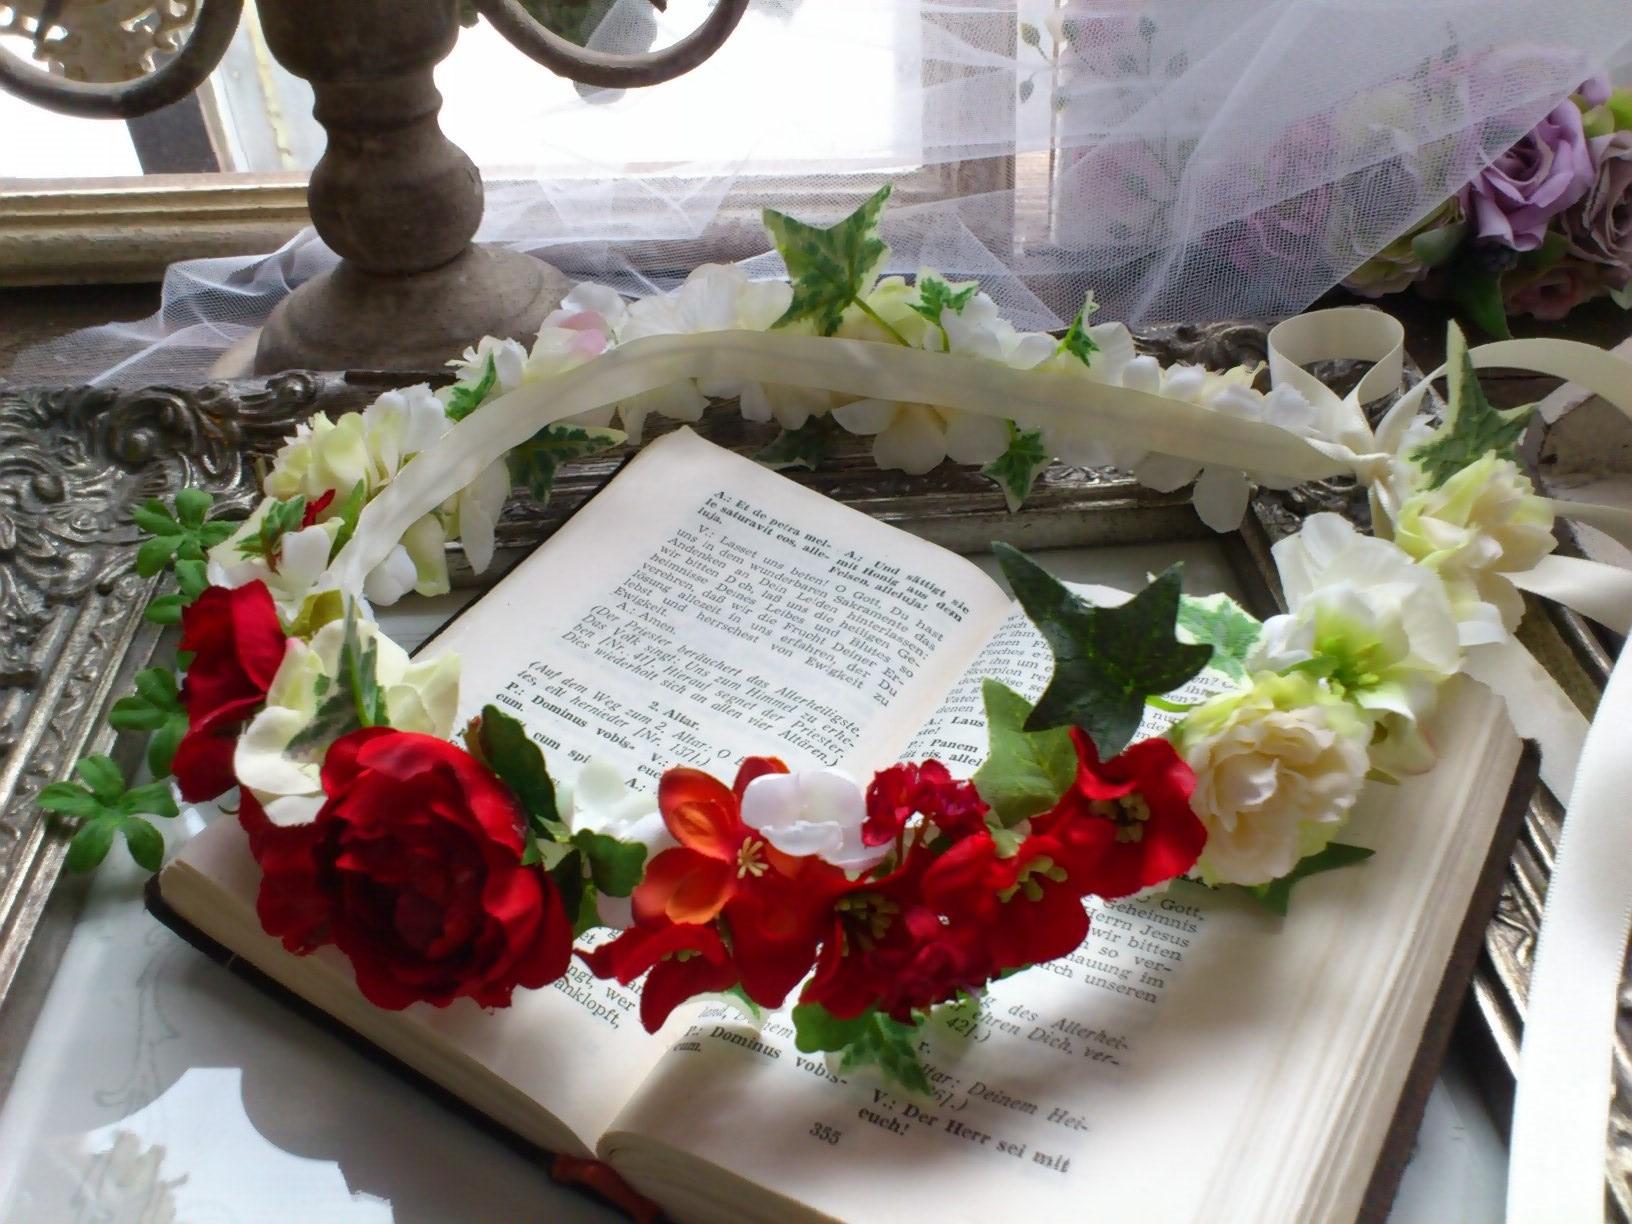 ホワイト&レッドの花冠とフラワーブレス_e0128024_05203508.jpg